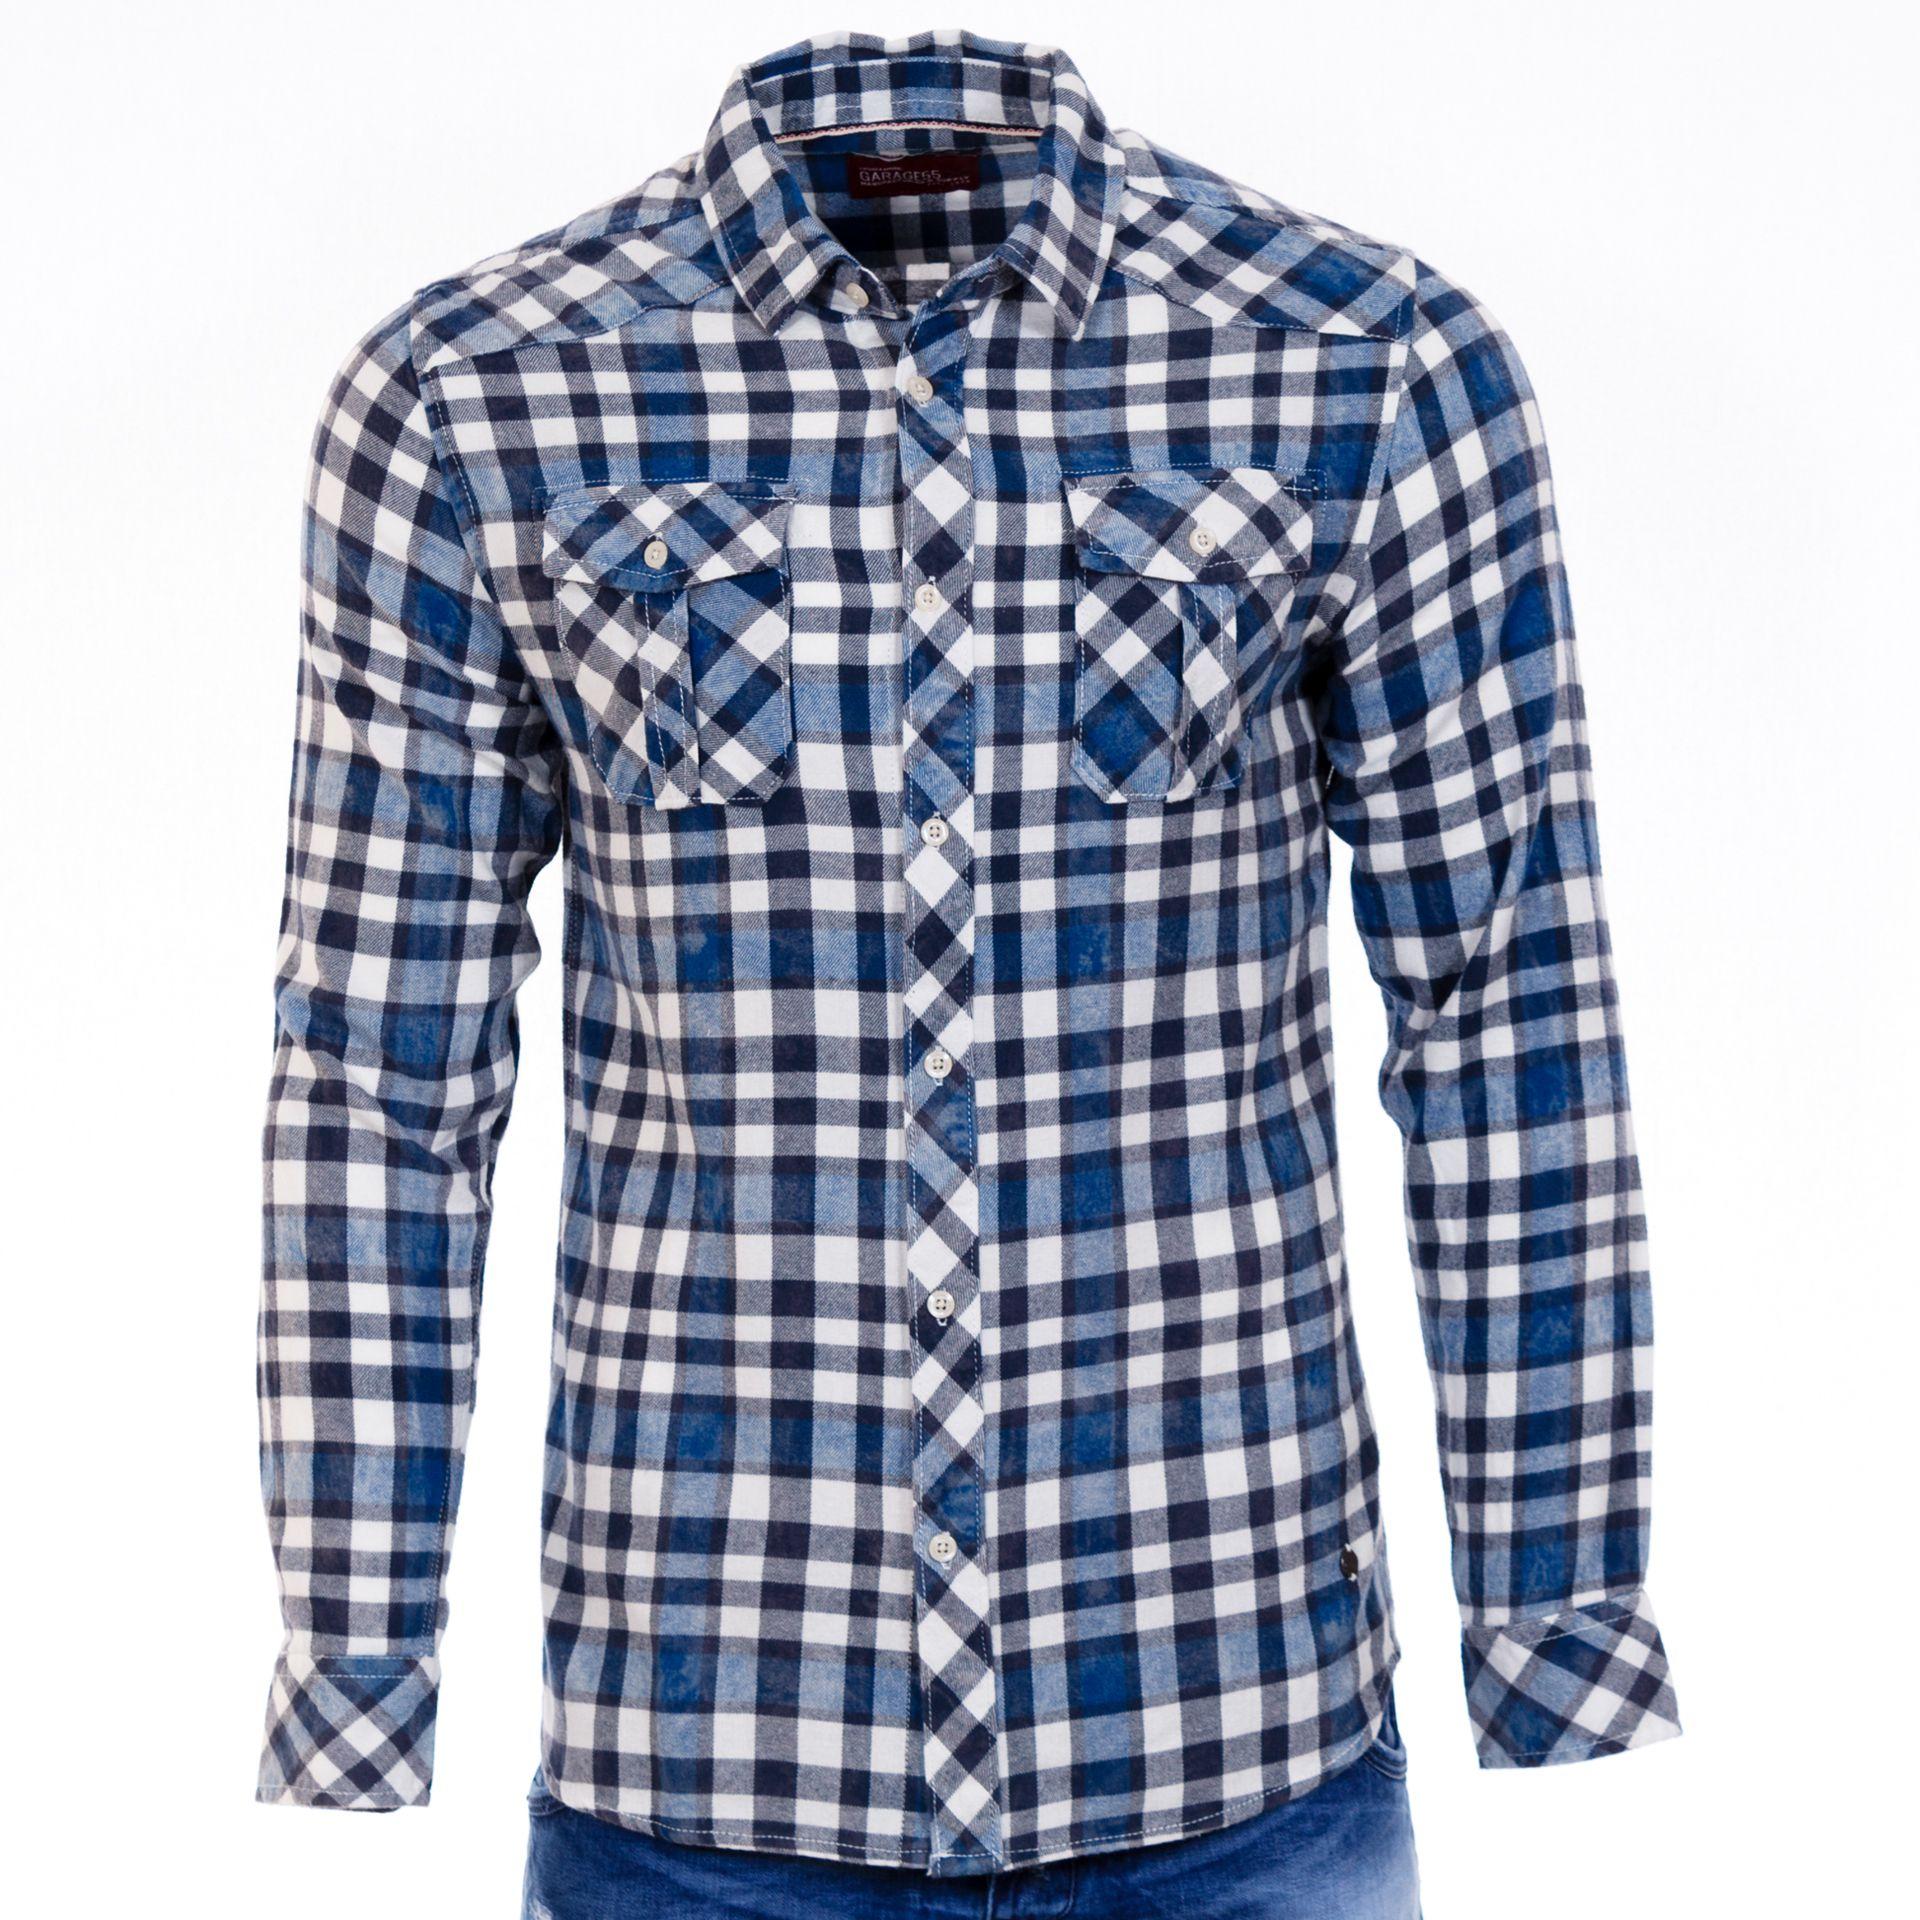 Ανδρικό πουκάμισο Garage Fifty Five